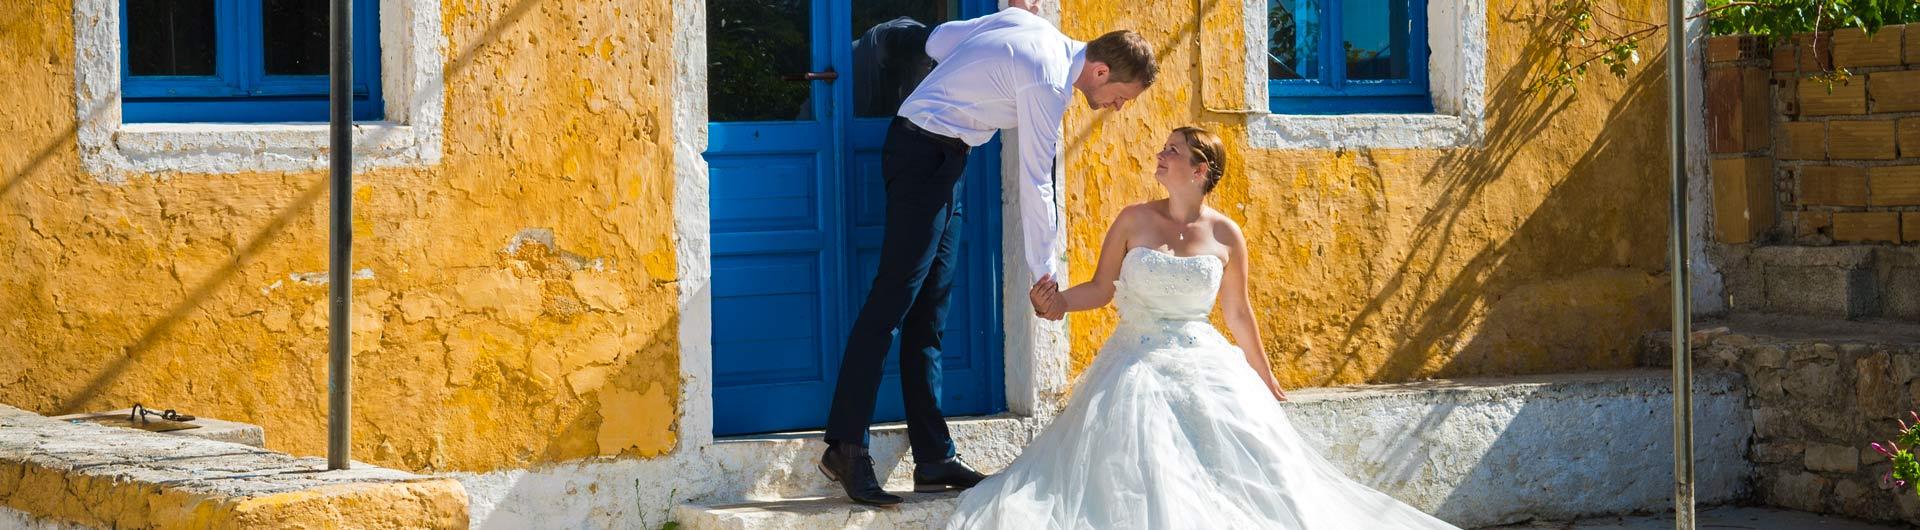 Wedding photo shoot in Zakynthos